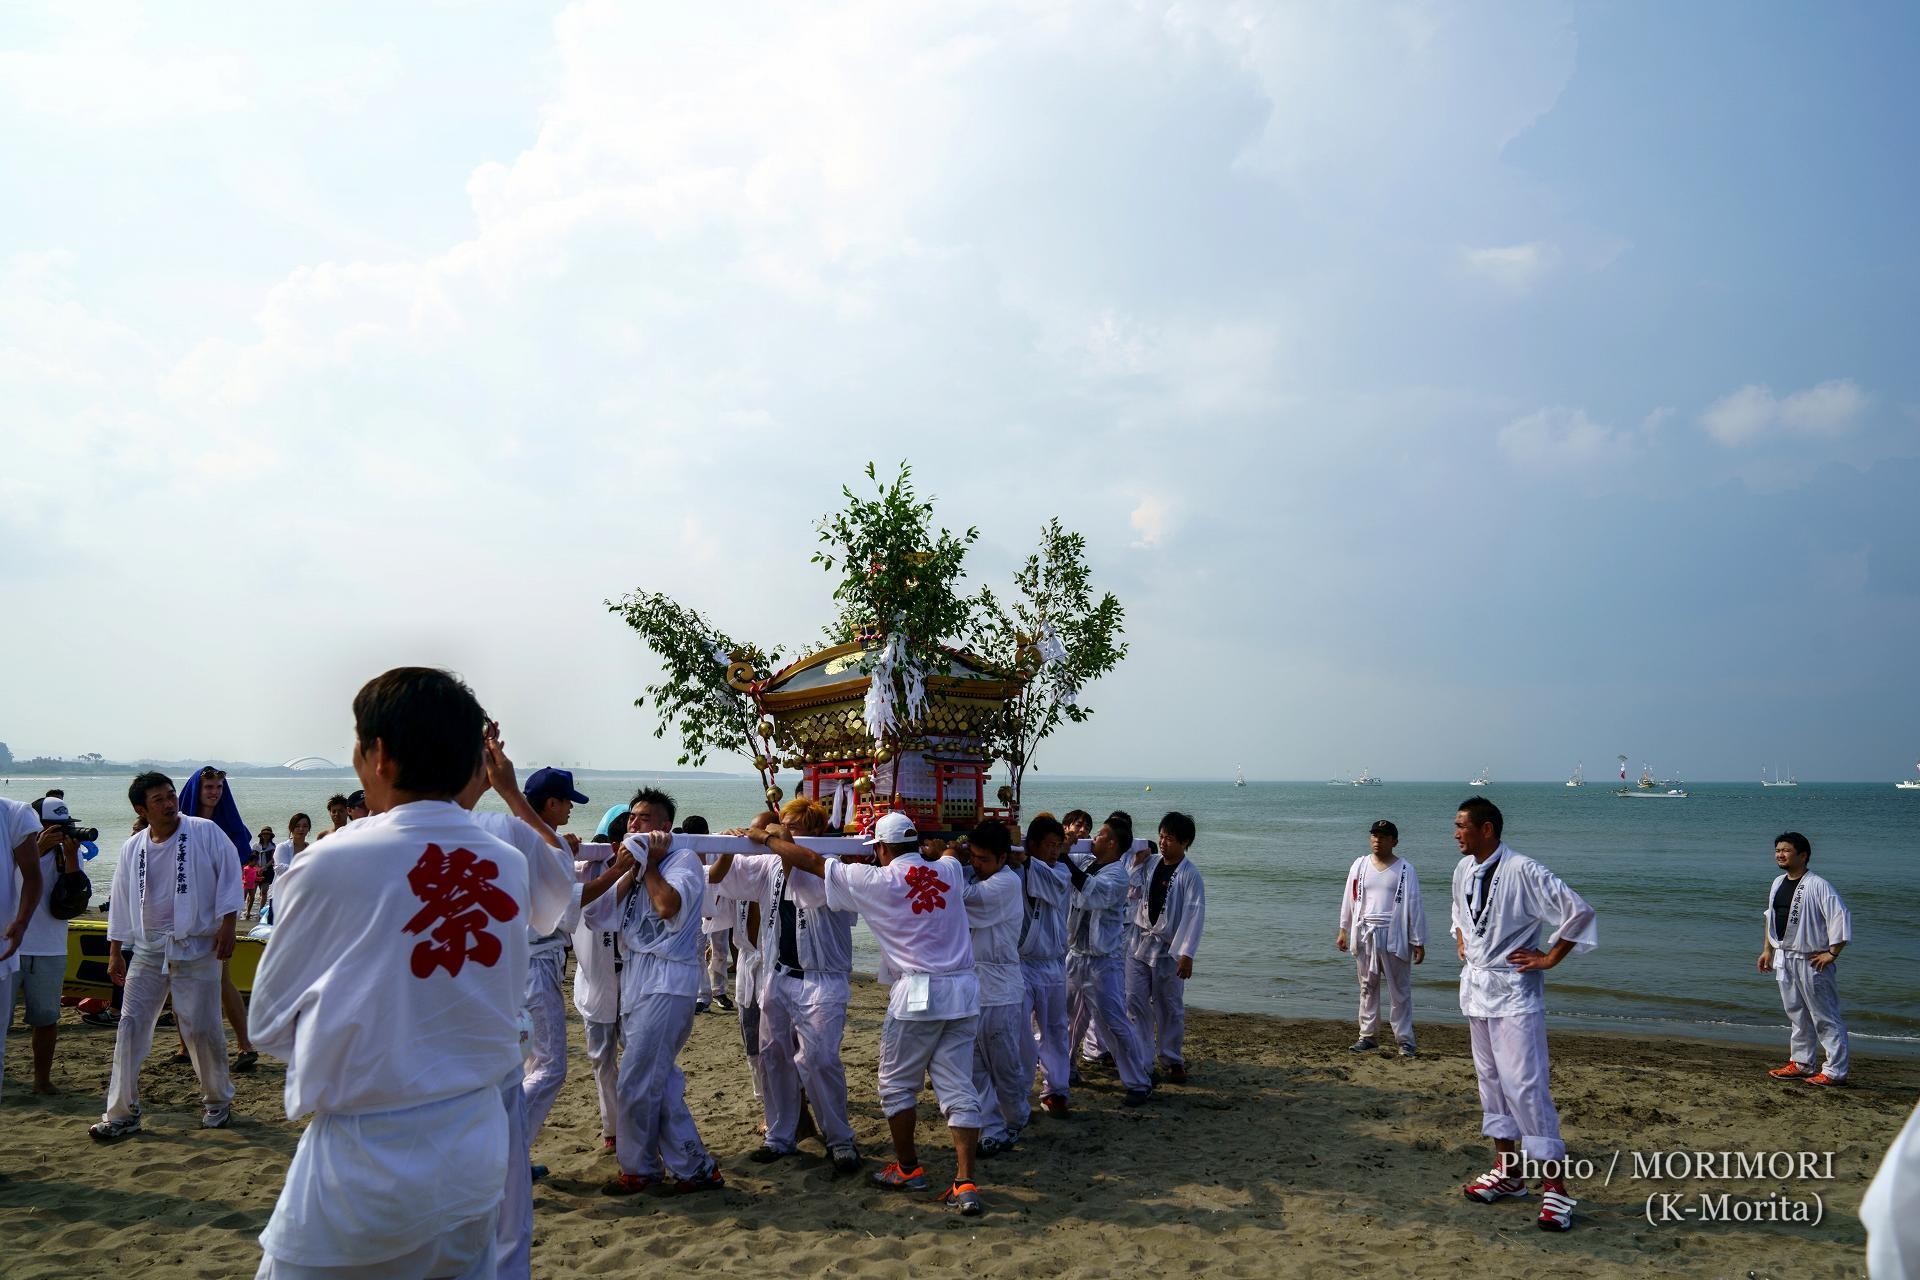 令和元年 2019年度 海を渡る祭礼 05